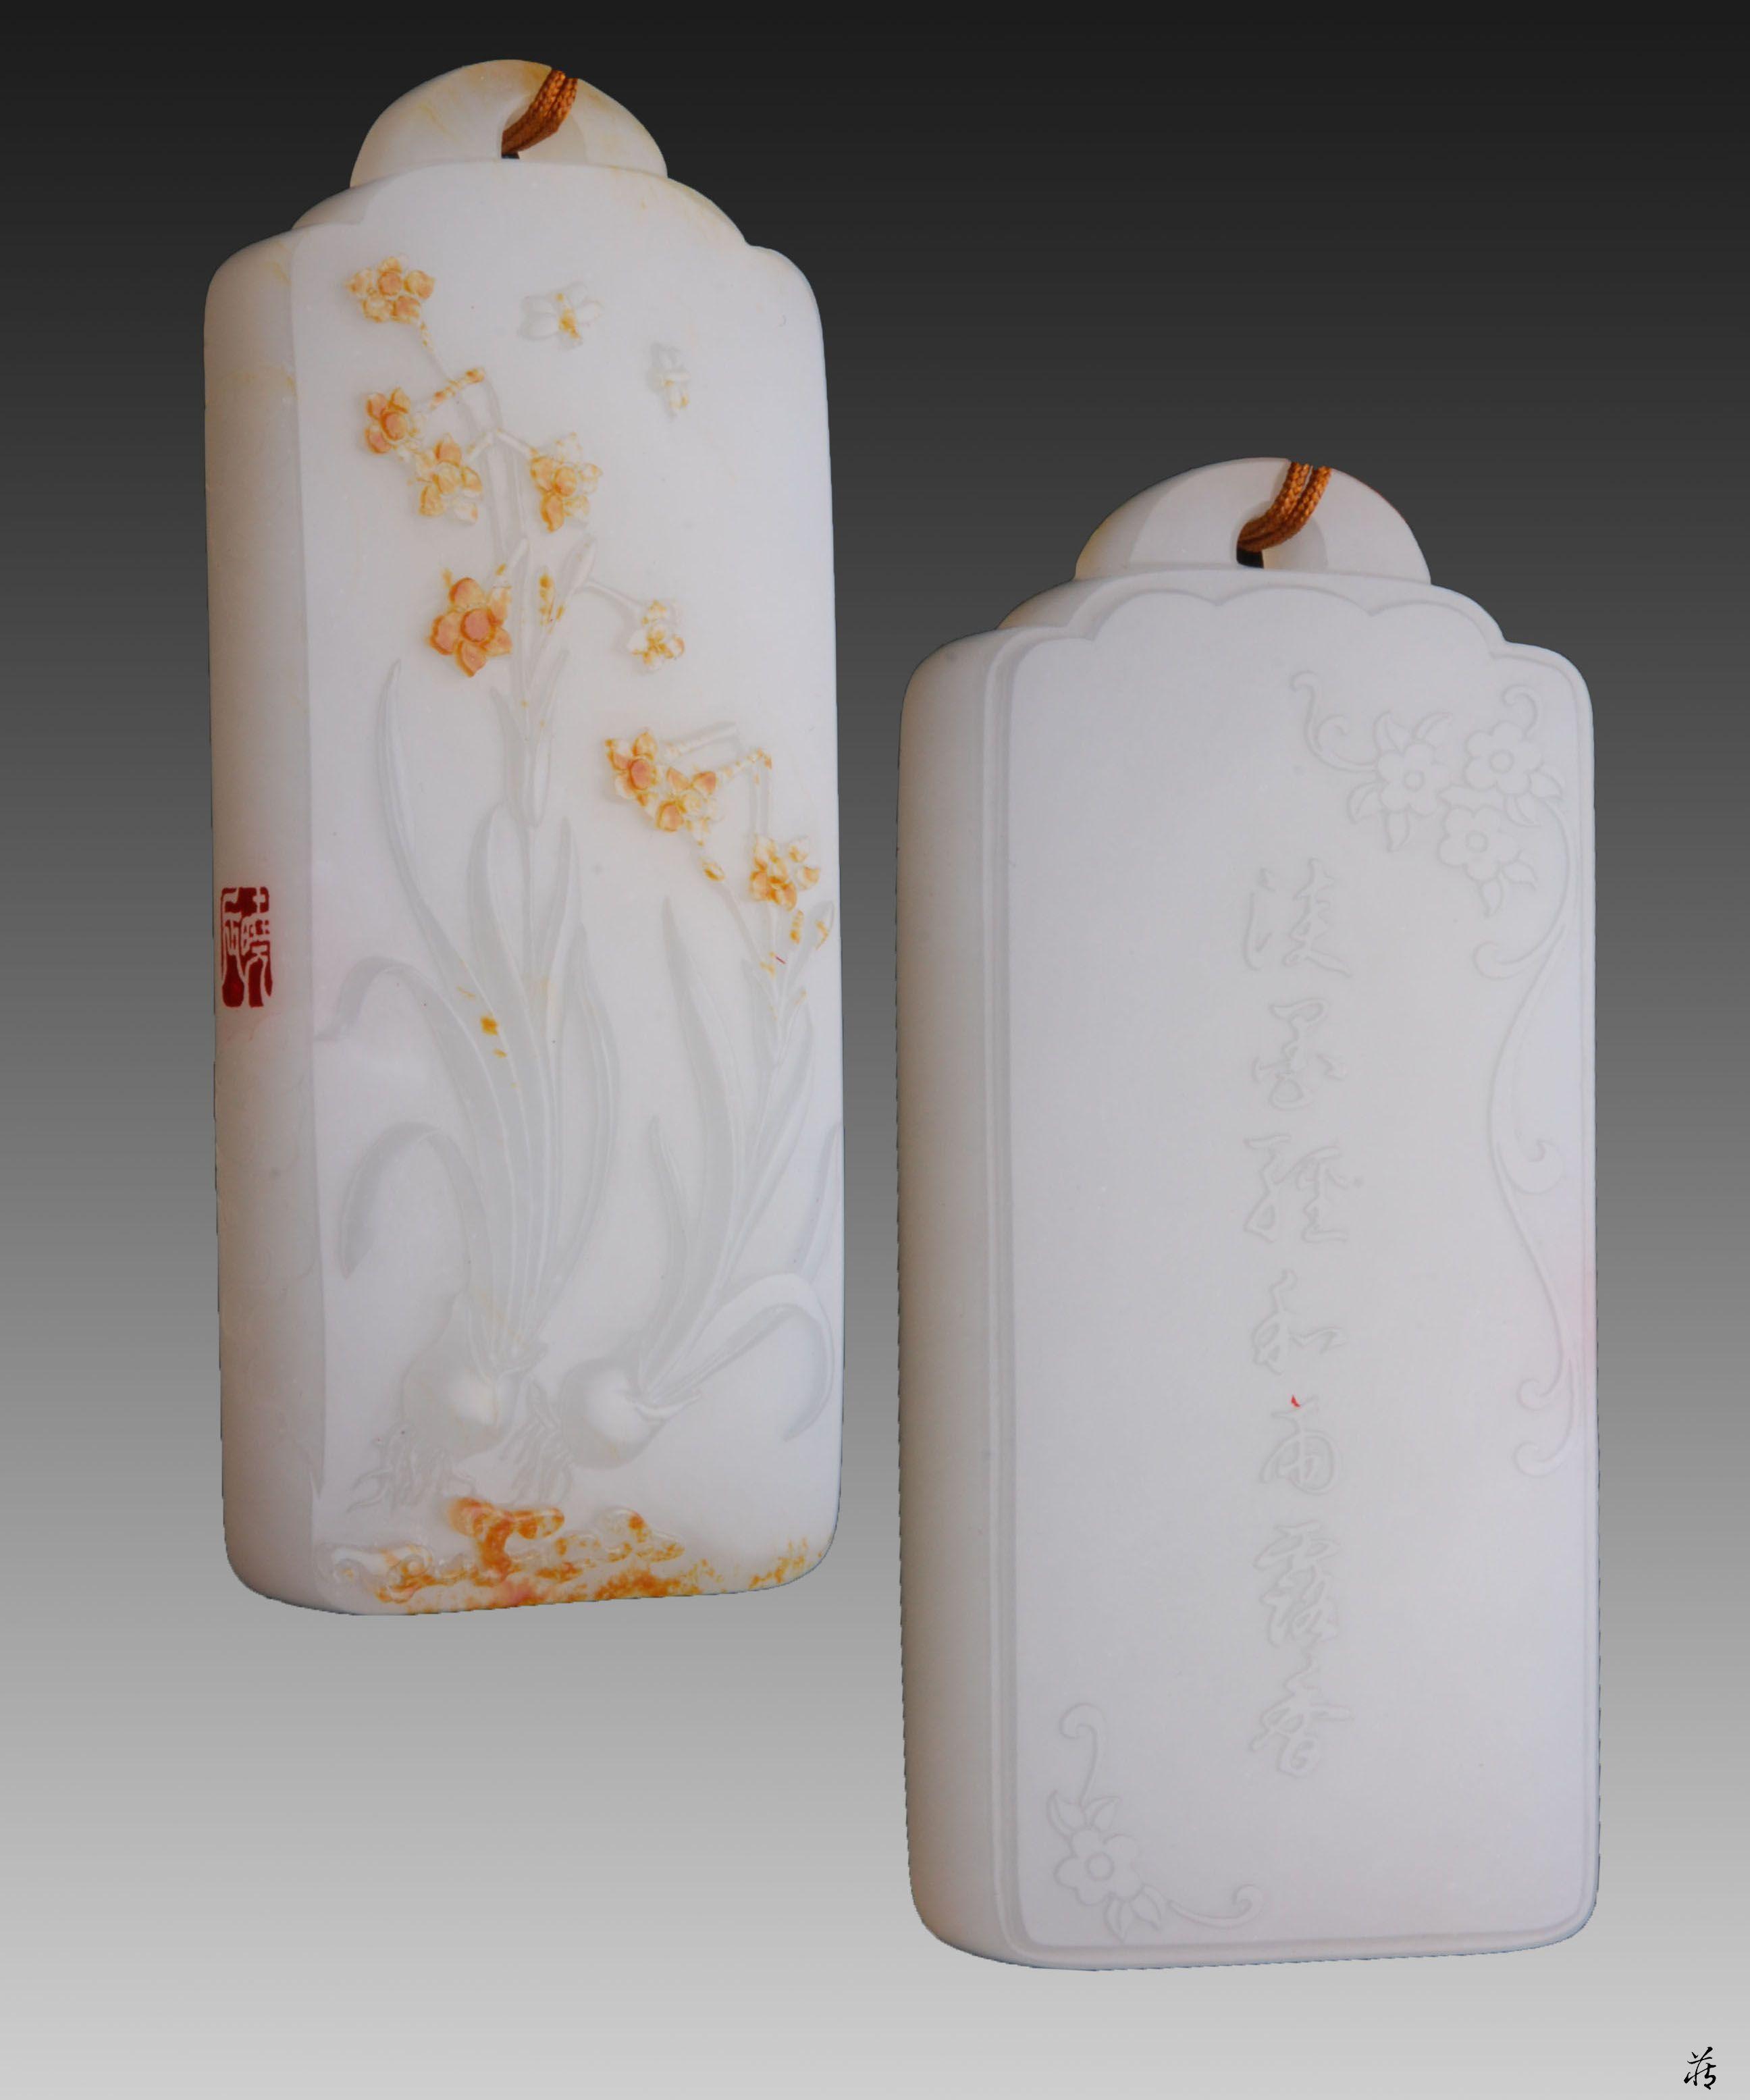 陈健玉雕工作室中国玉石雕刻大师和田玉籽料苏工